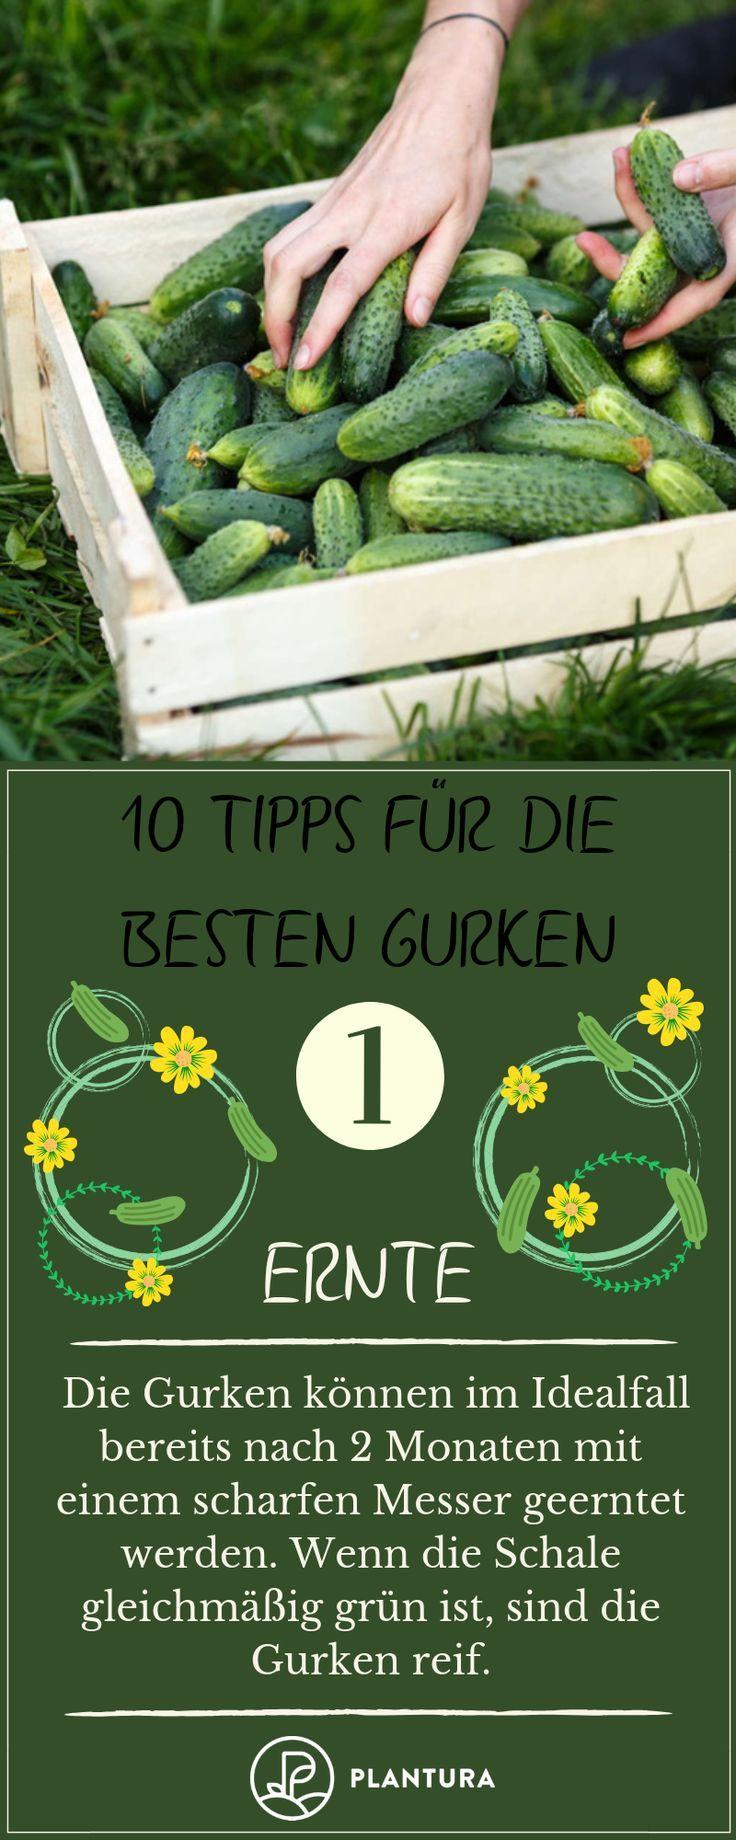 10 Tipps Fur Die Besten Gurken Aus Dem Eigenen Garten Aus Besten Dem Die Eigenen Fur Garten Gurken Pflanzen Gurke Tomaten Pflanzen Garten Pflanzen